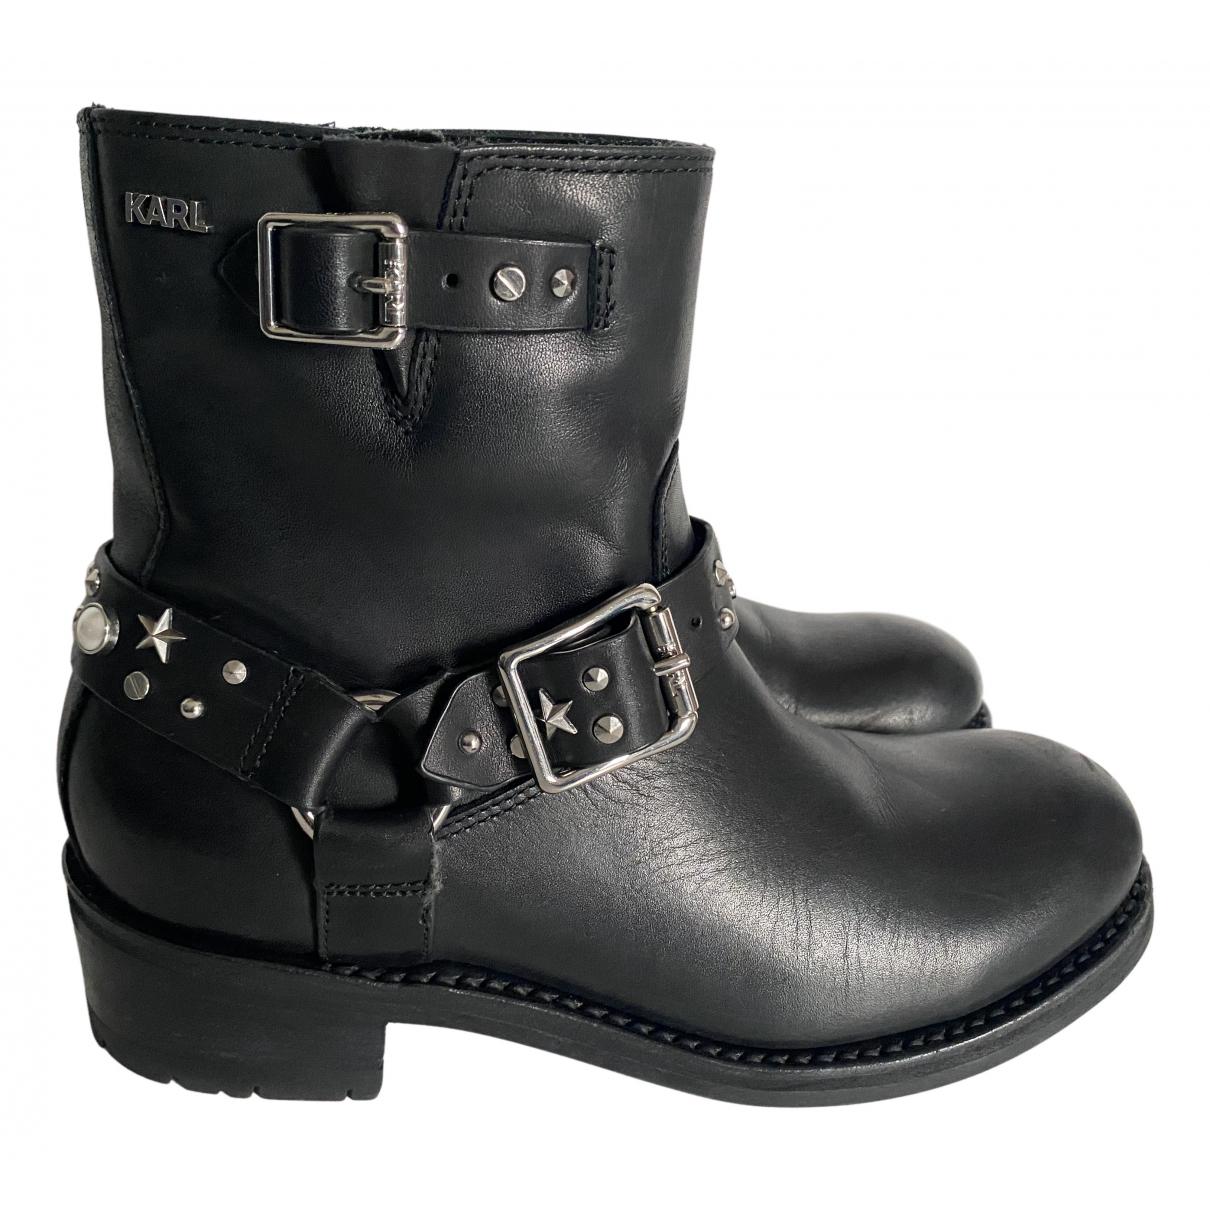 Karl Lagerfeld - Boots   pour femme en cuir - noir